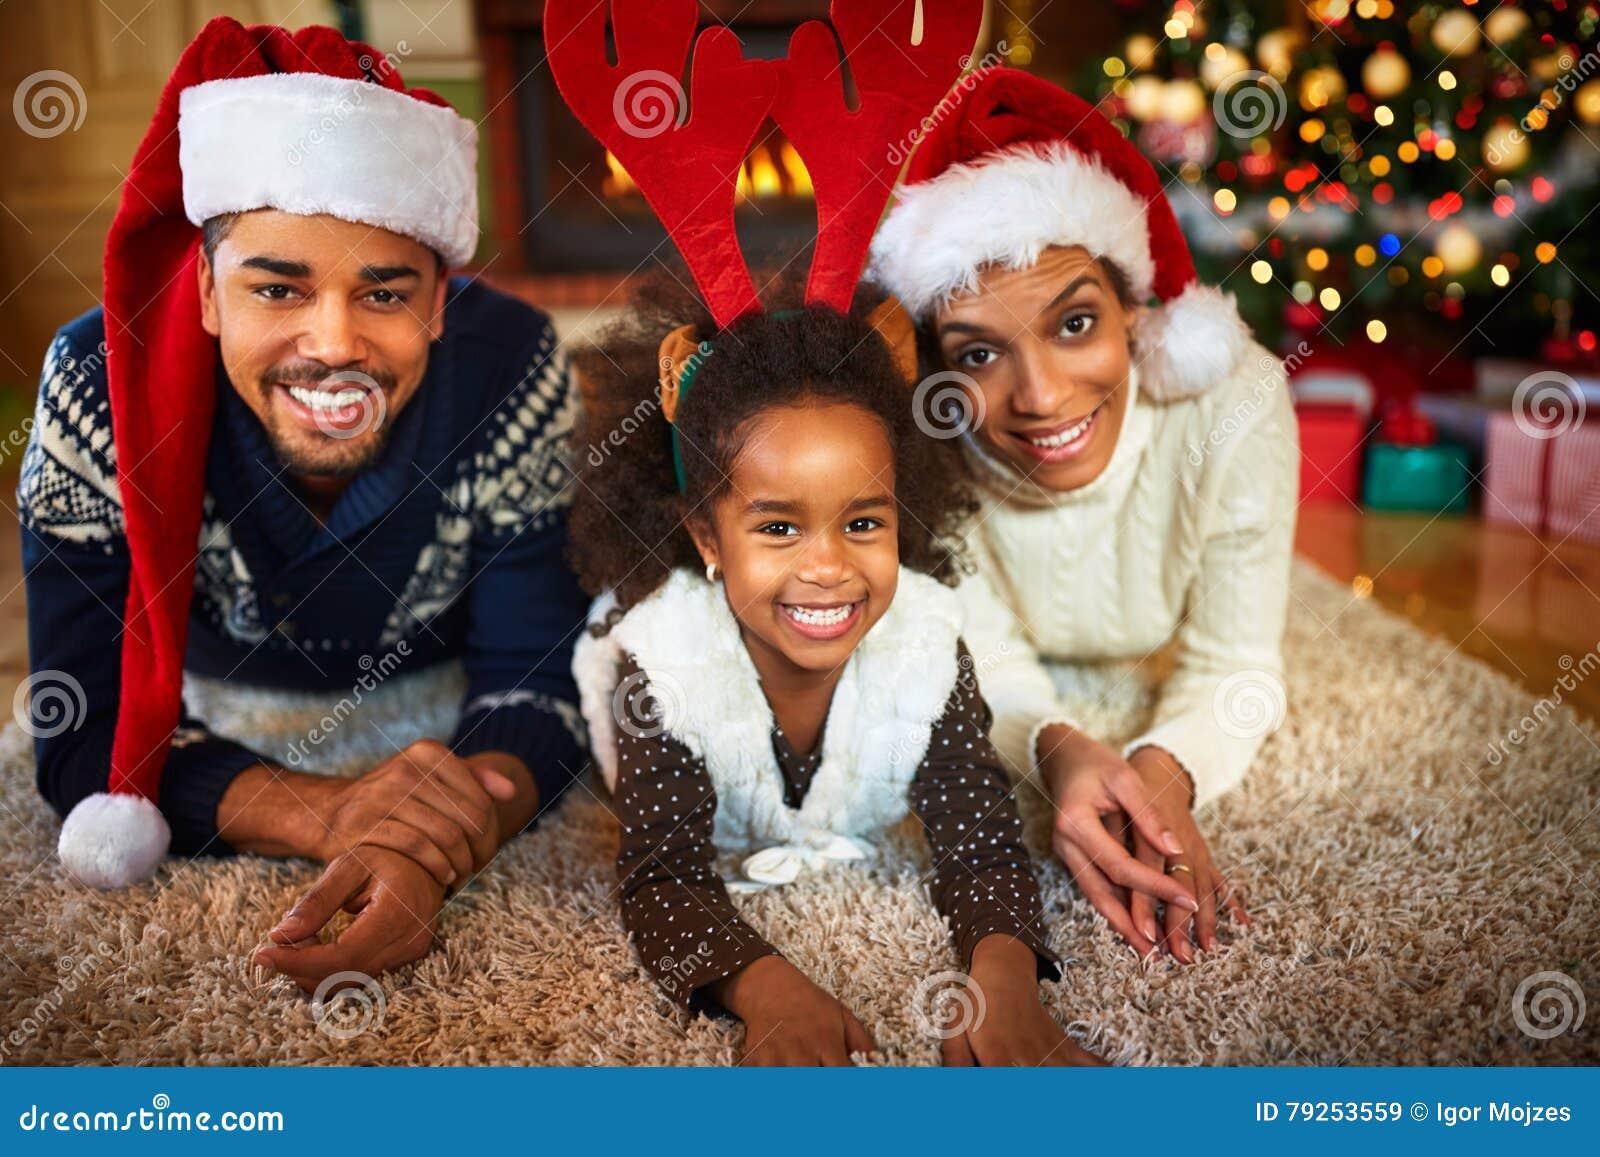 Weihnachtsatmosphäre in der Afroamerikanerfamilie